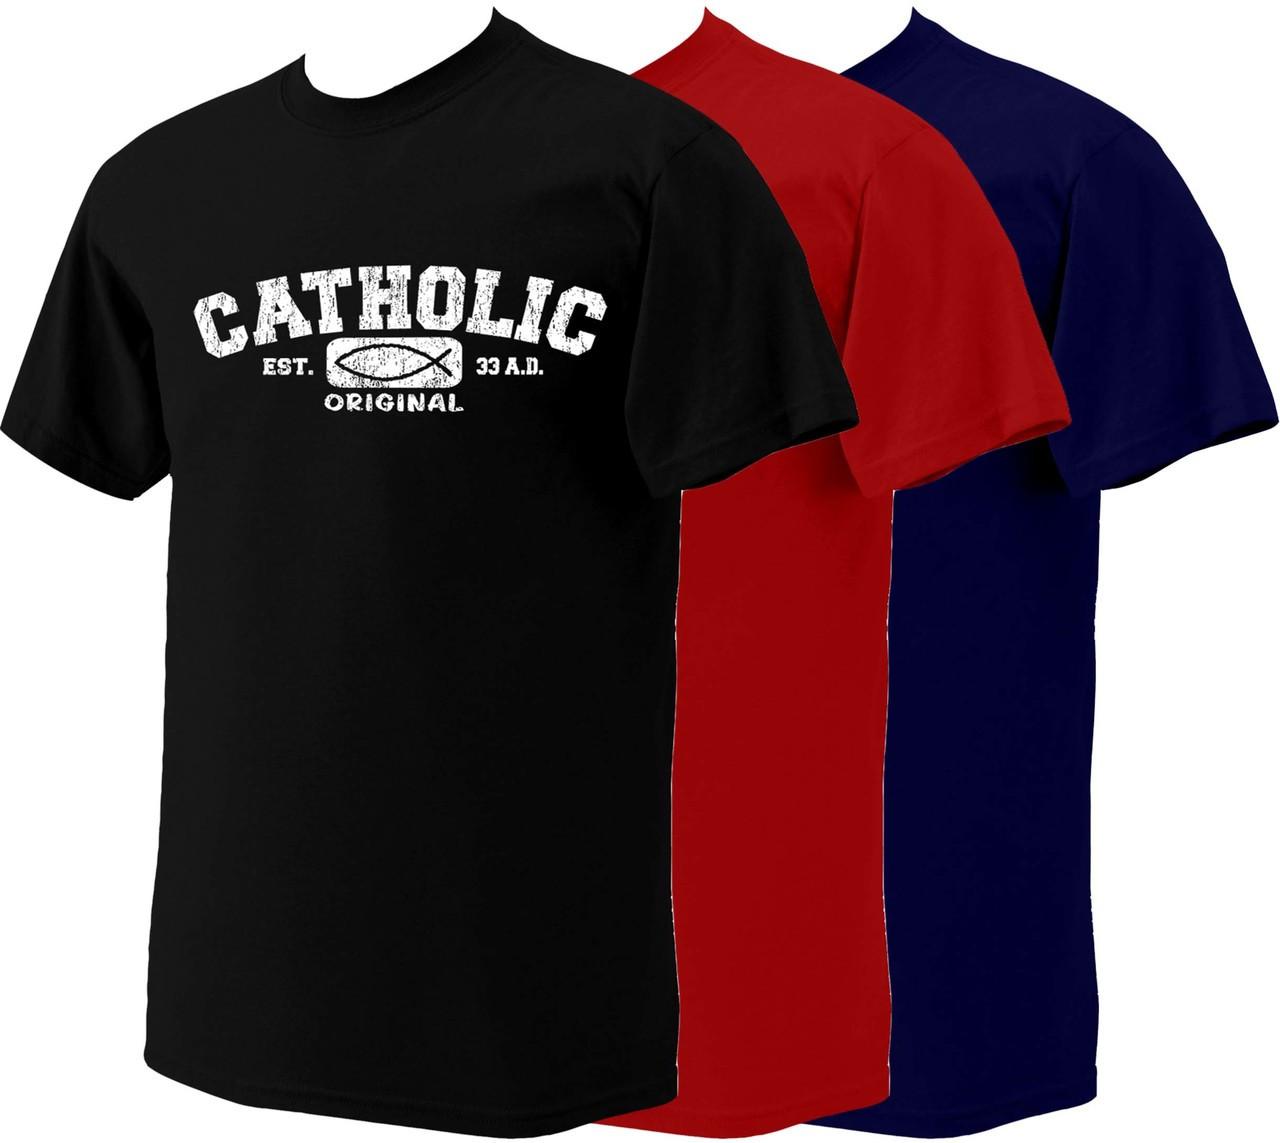 Catholic Original T Shirts Catholic To The Max Online